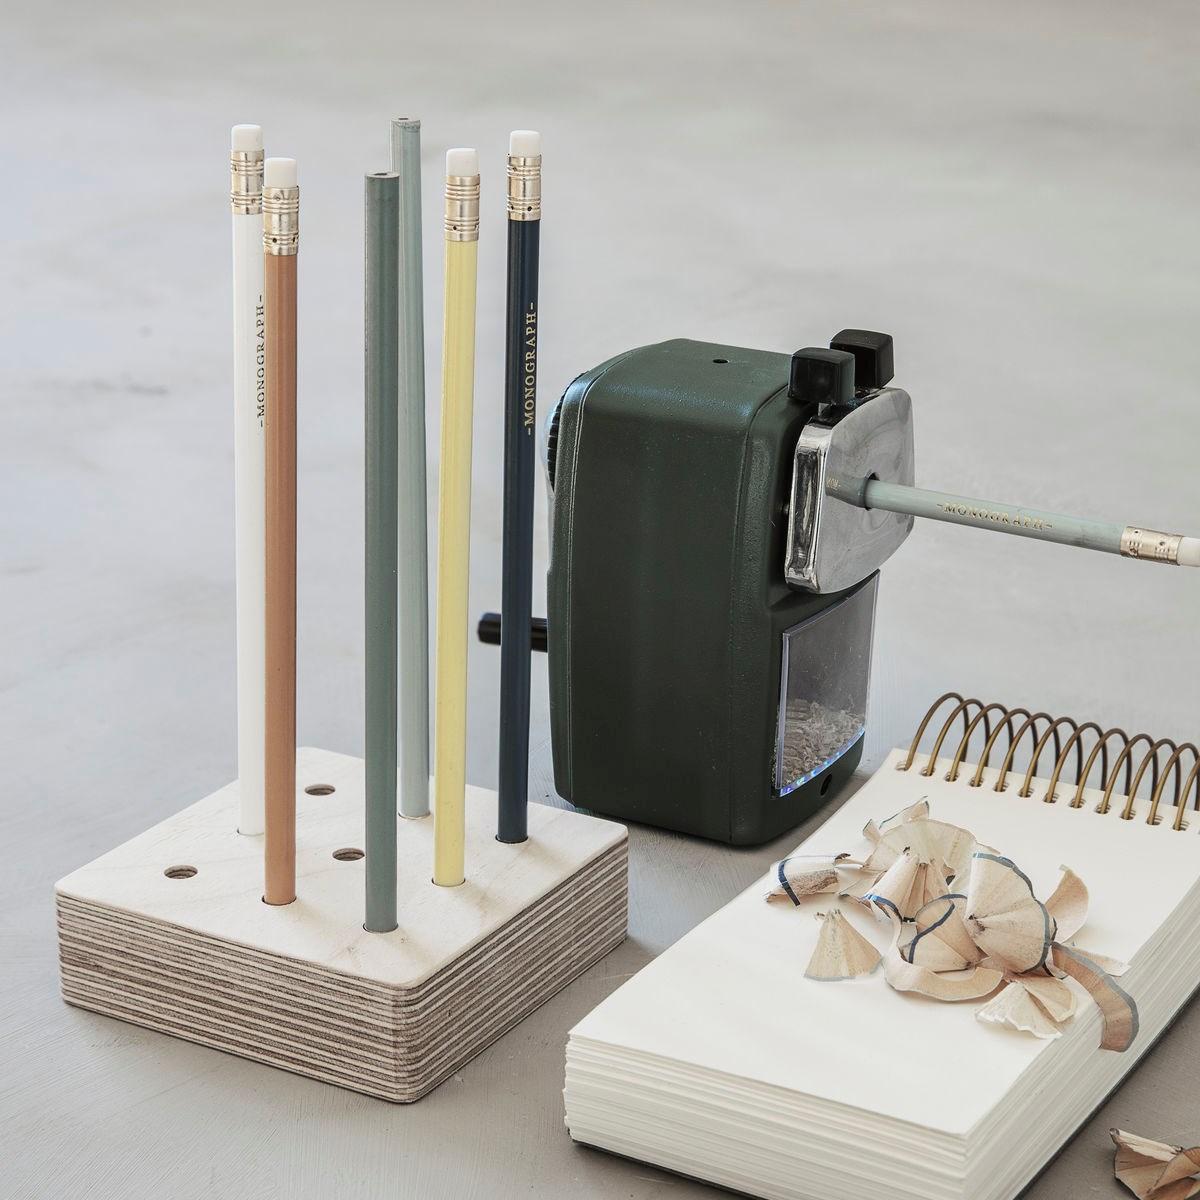 Držák/ zásobník na tužky a pera ROUND dýha_2